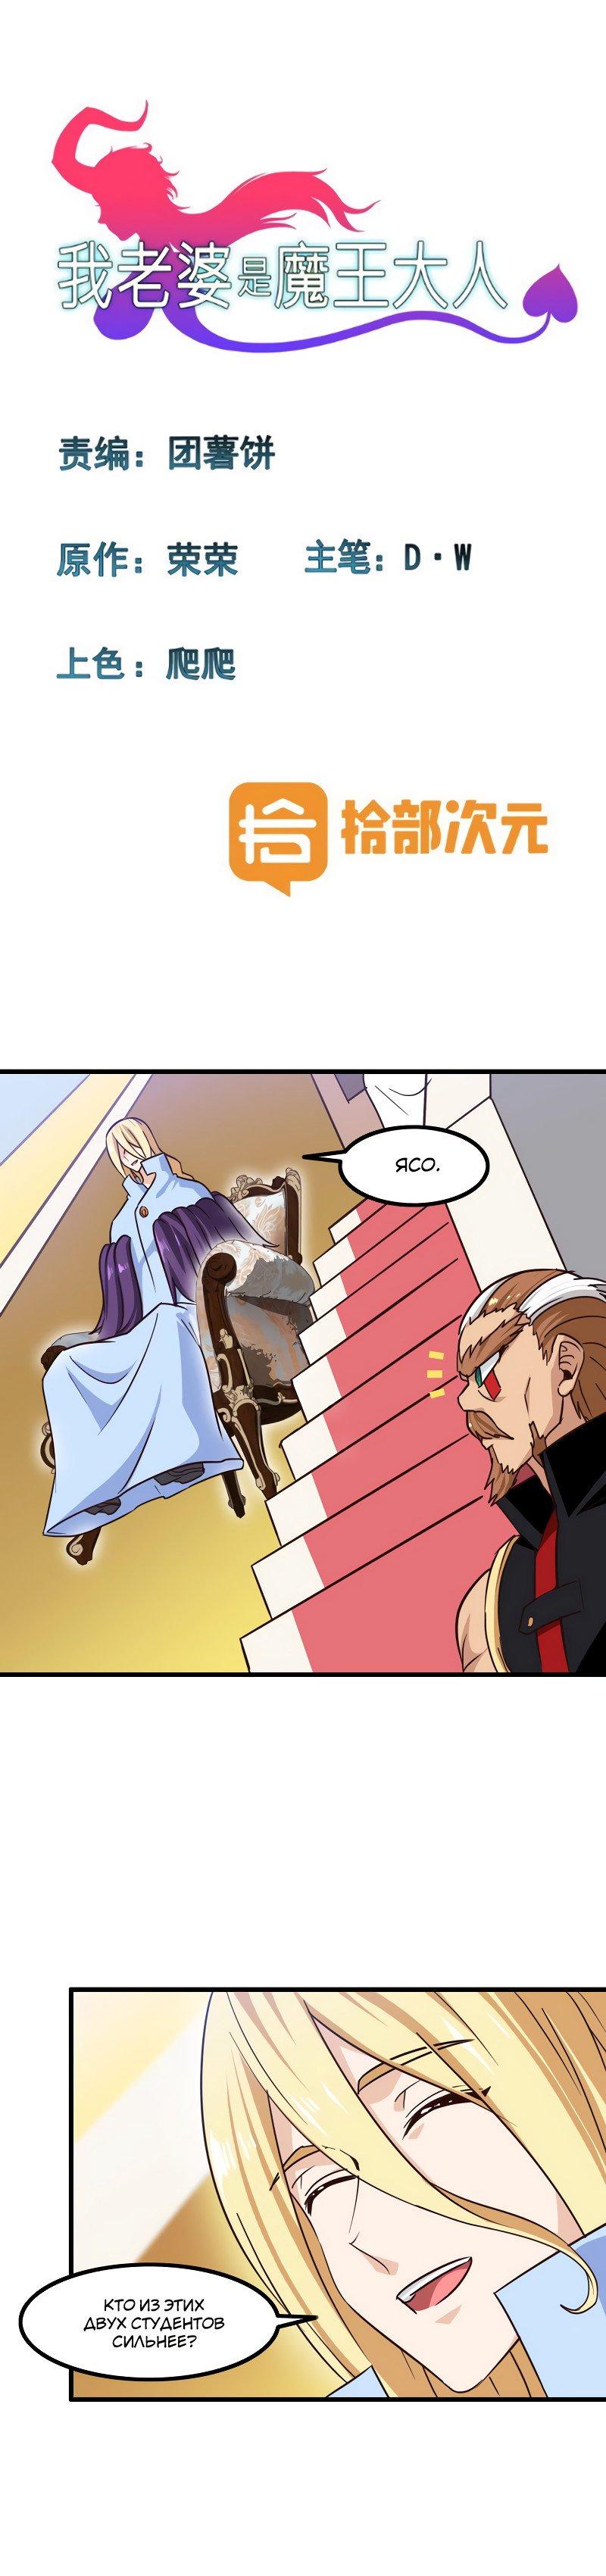 Манга Моя жена — королева демонов / My Wife is a Demon Queen  - Том 1 Глава 122 Страница 1